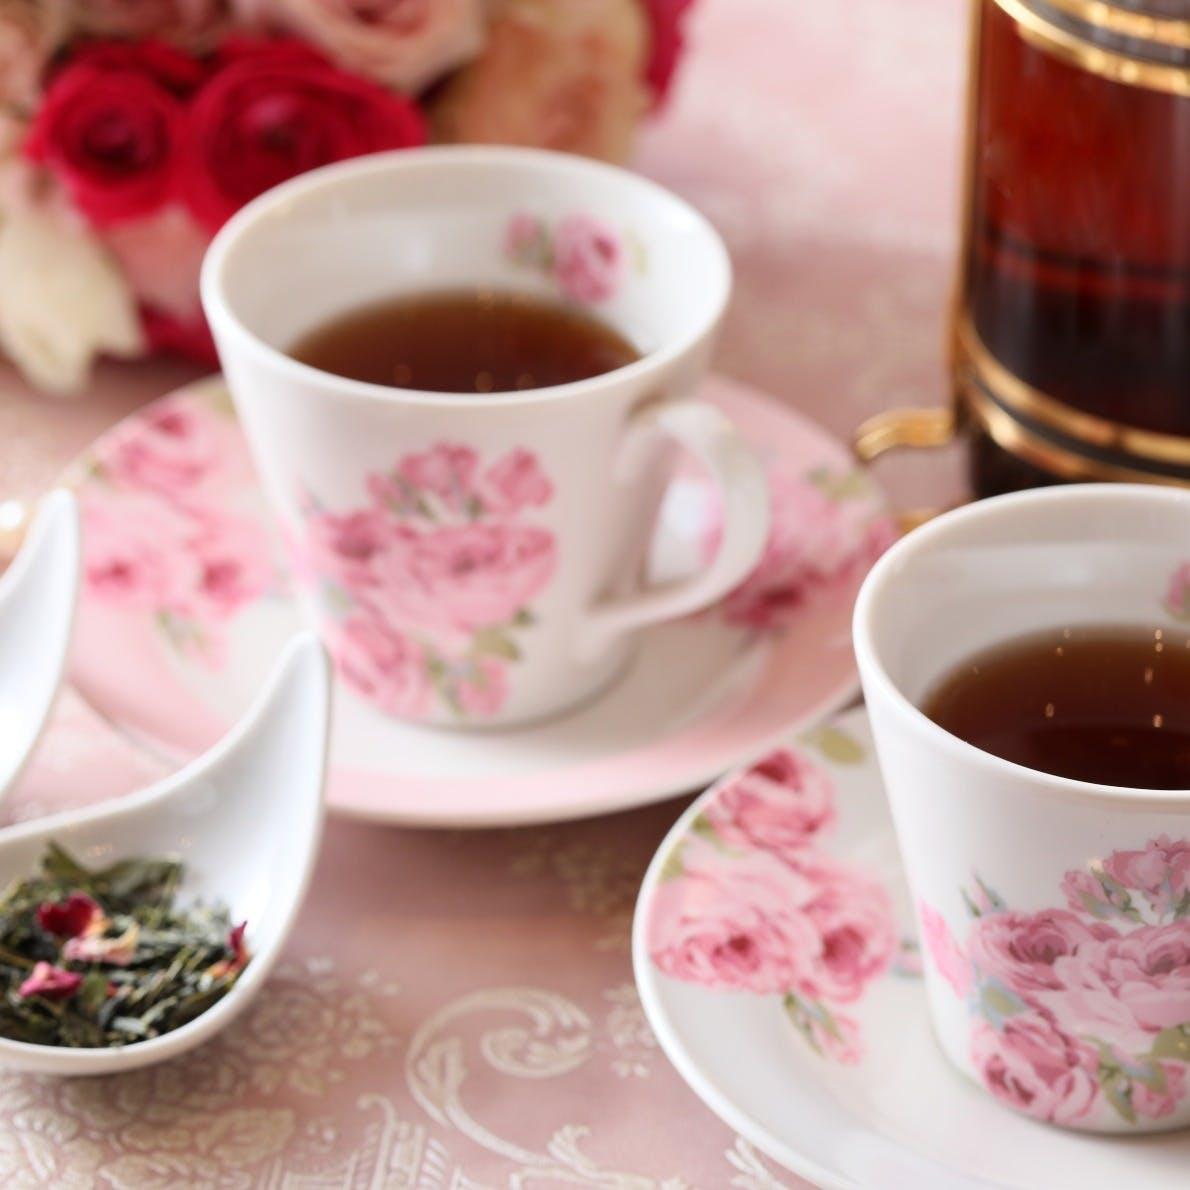 フランスの老舗紅茶ブランド「マリアージュ フレール」